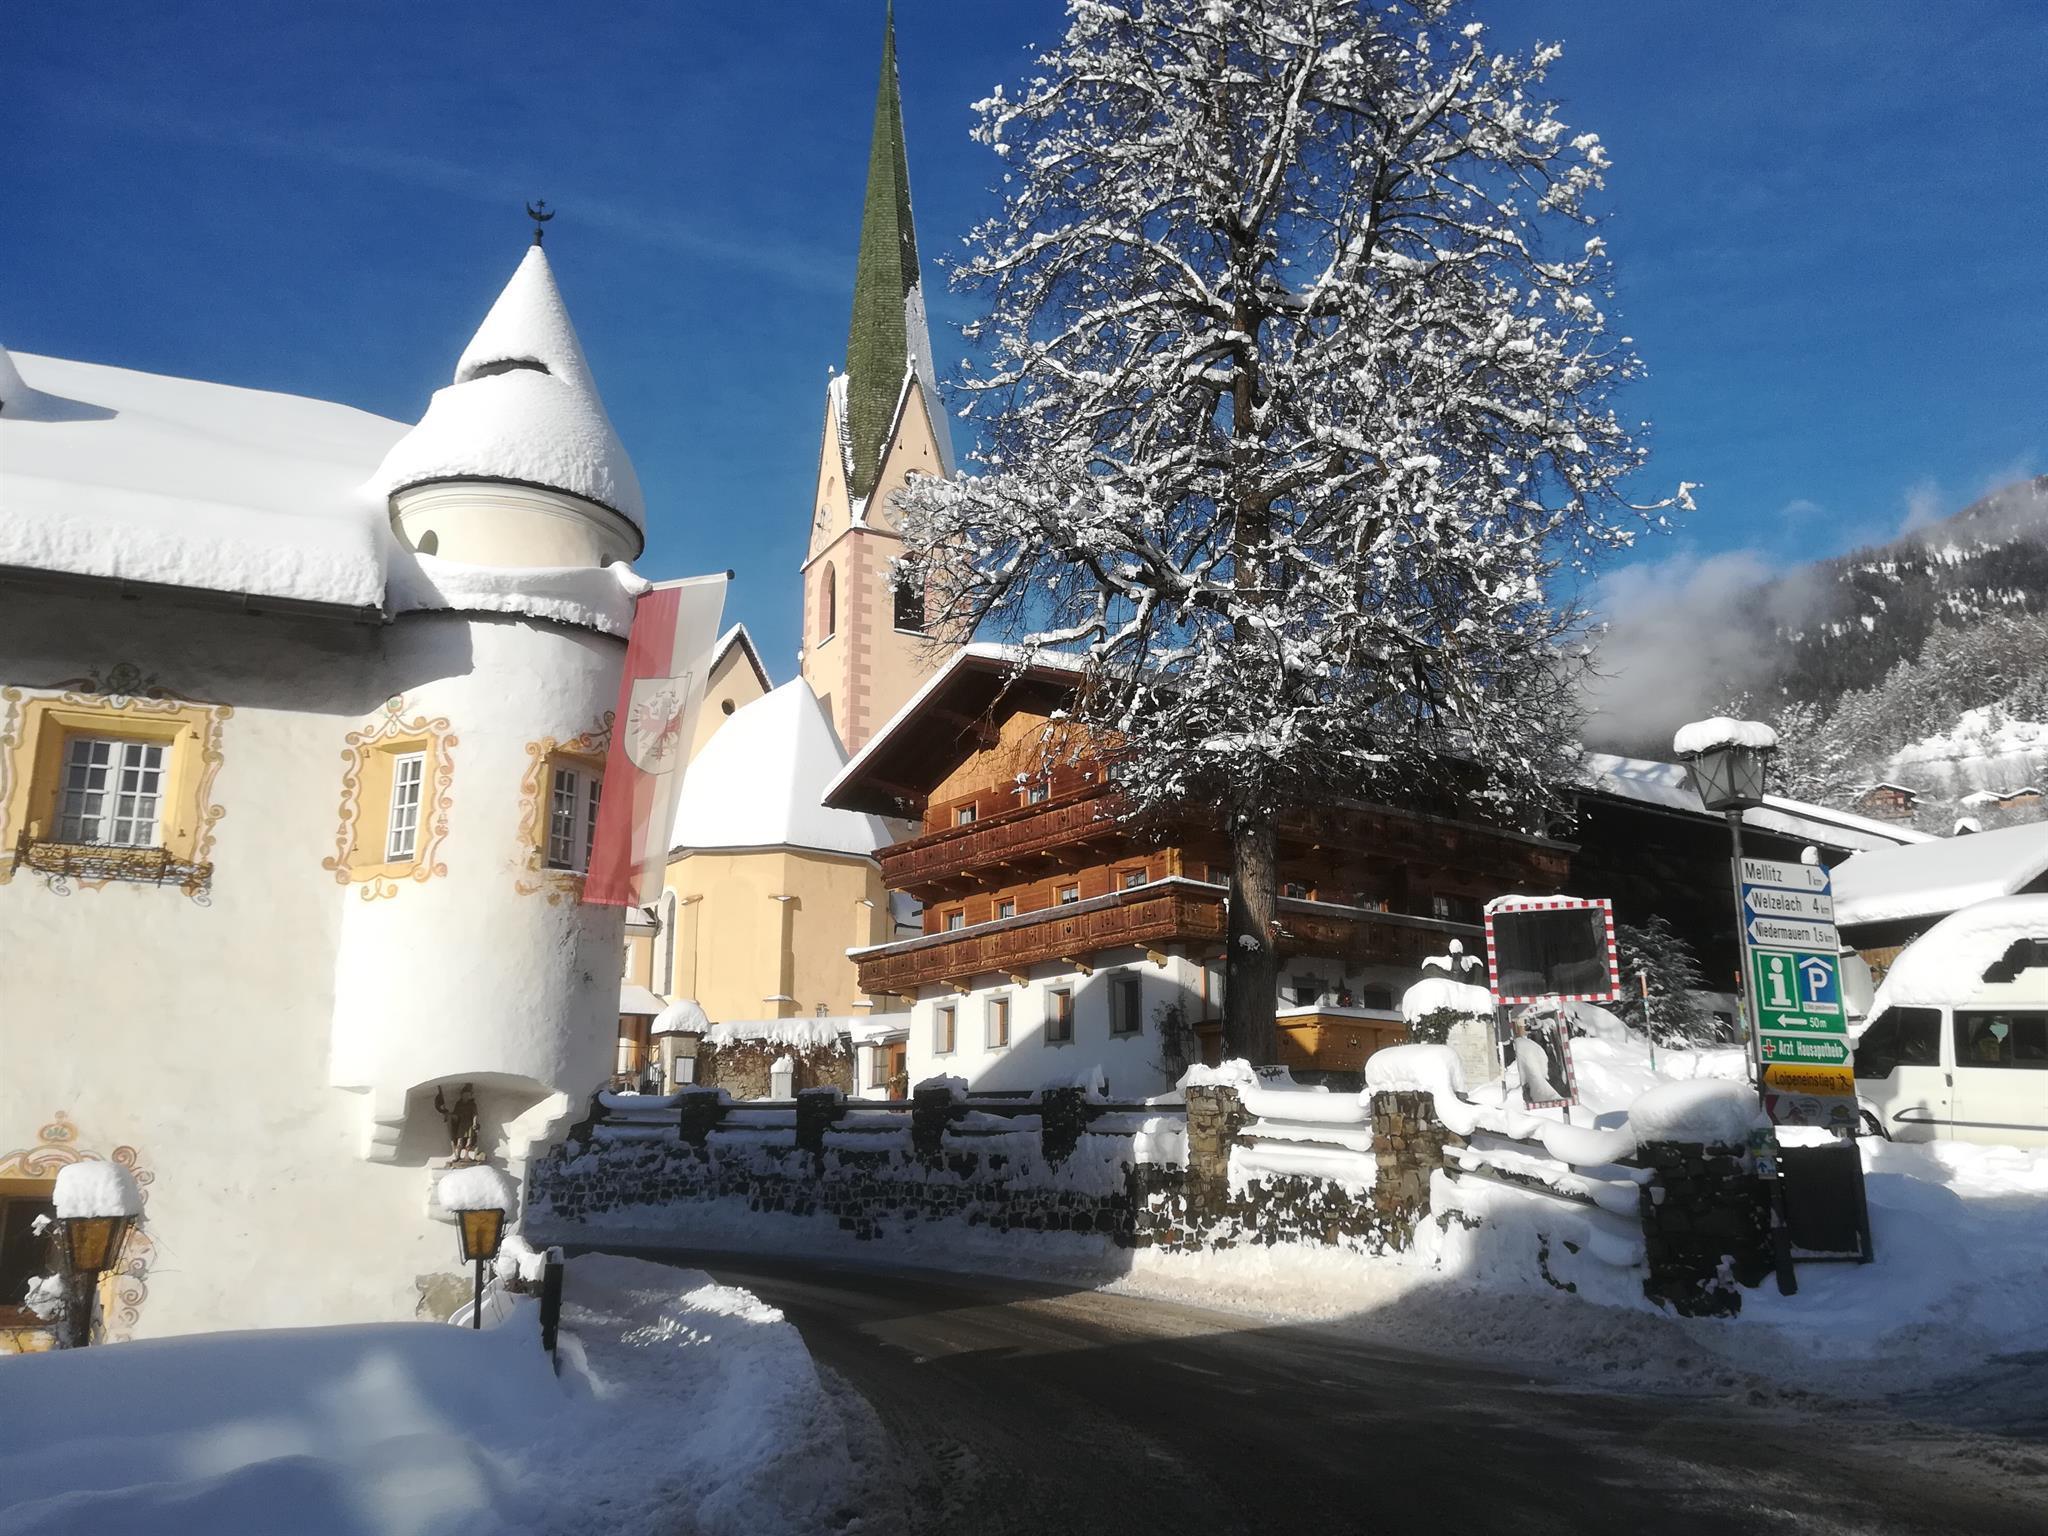 Mesnerhof-Virgen-Winter-3.jpg